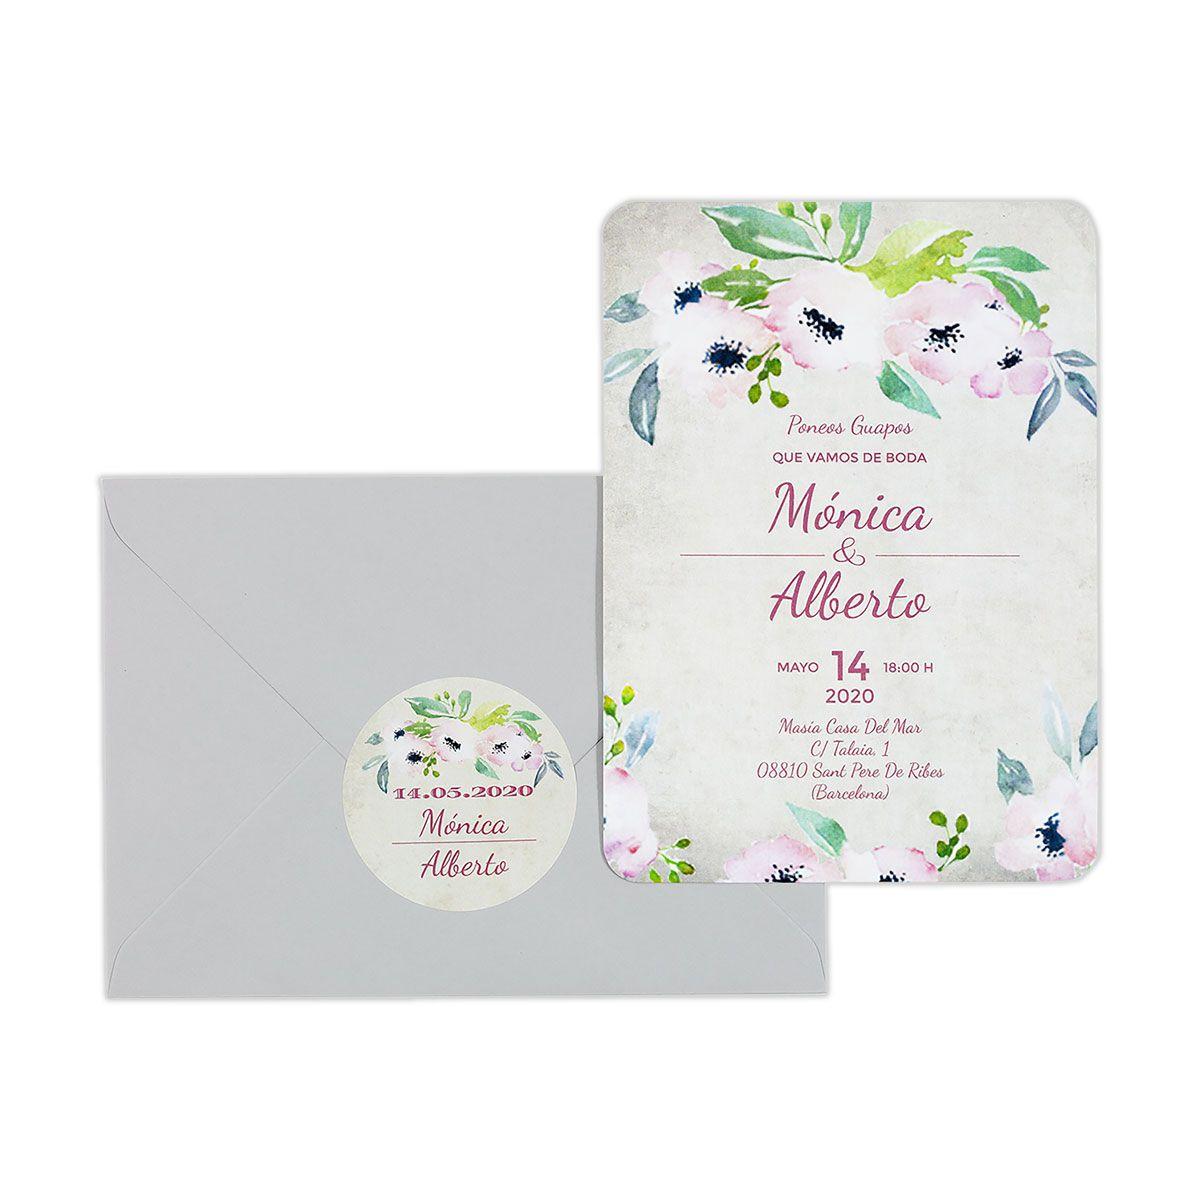 Invitación boda Bliss